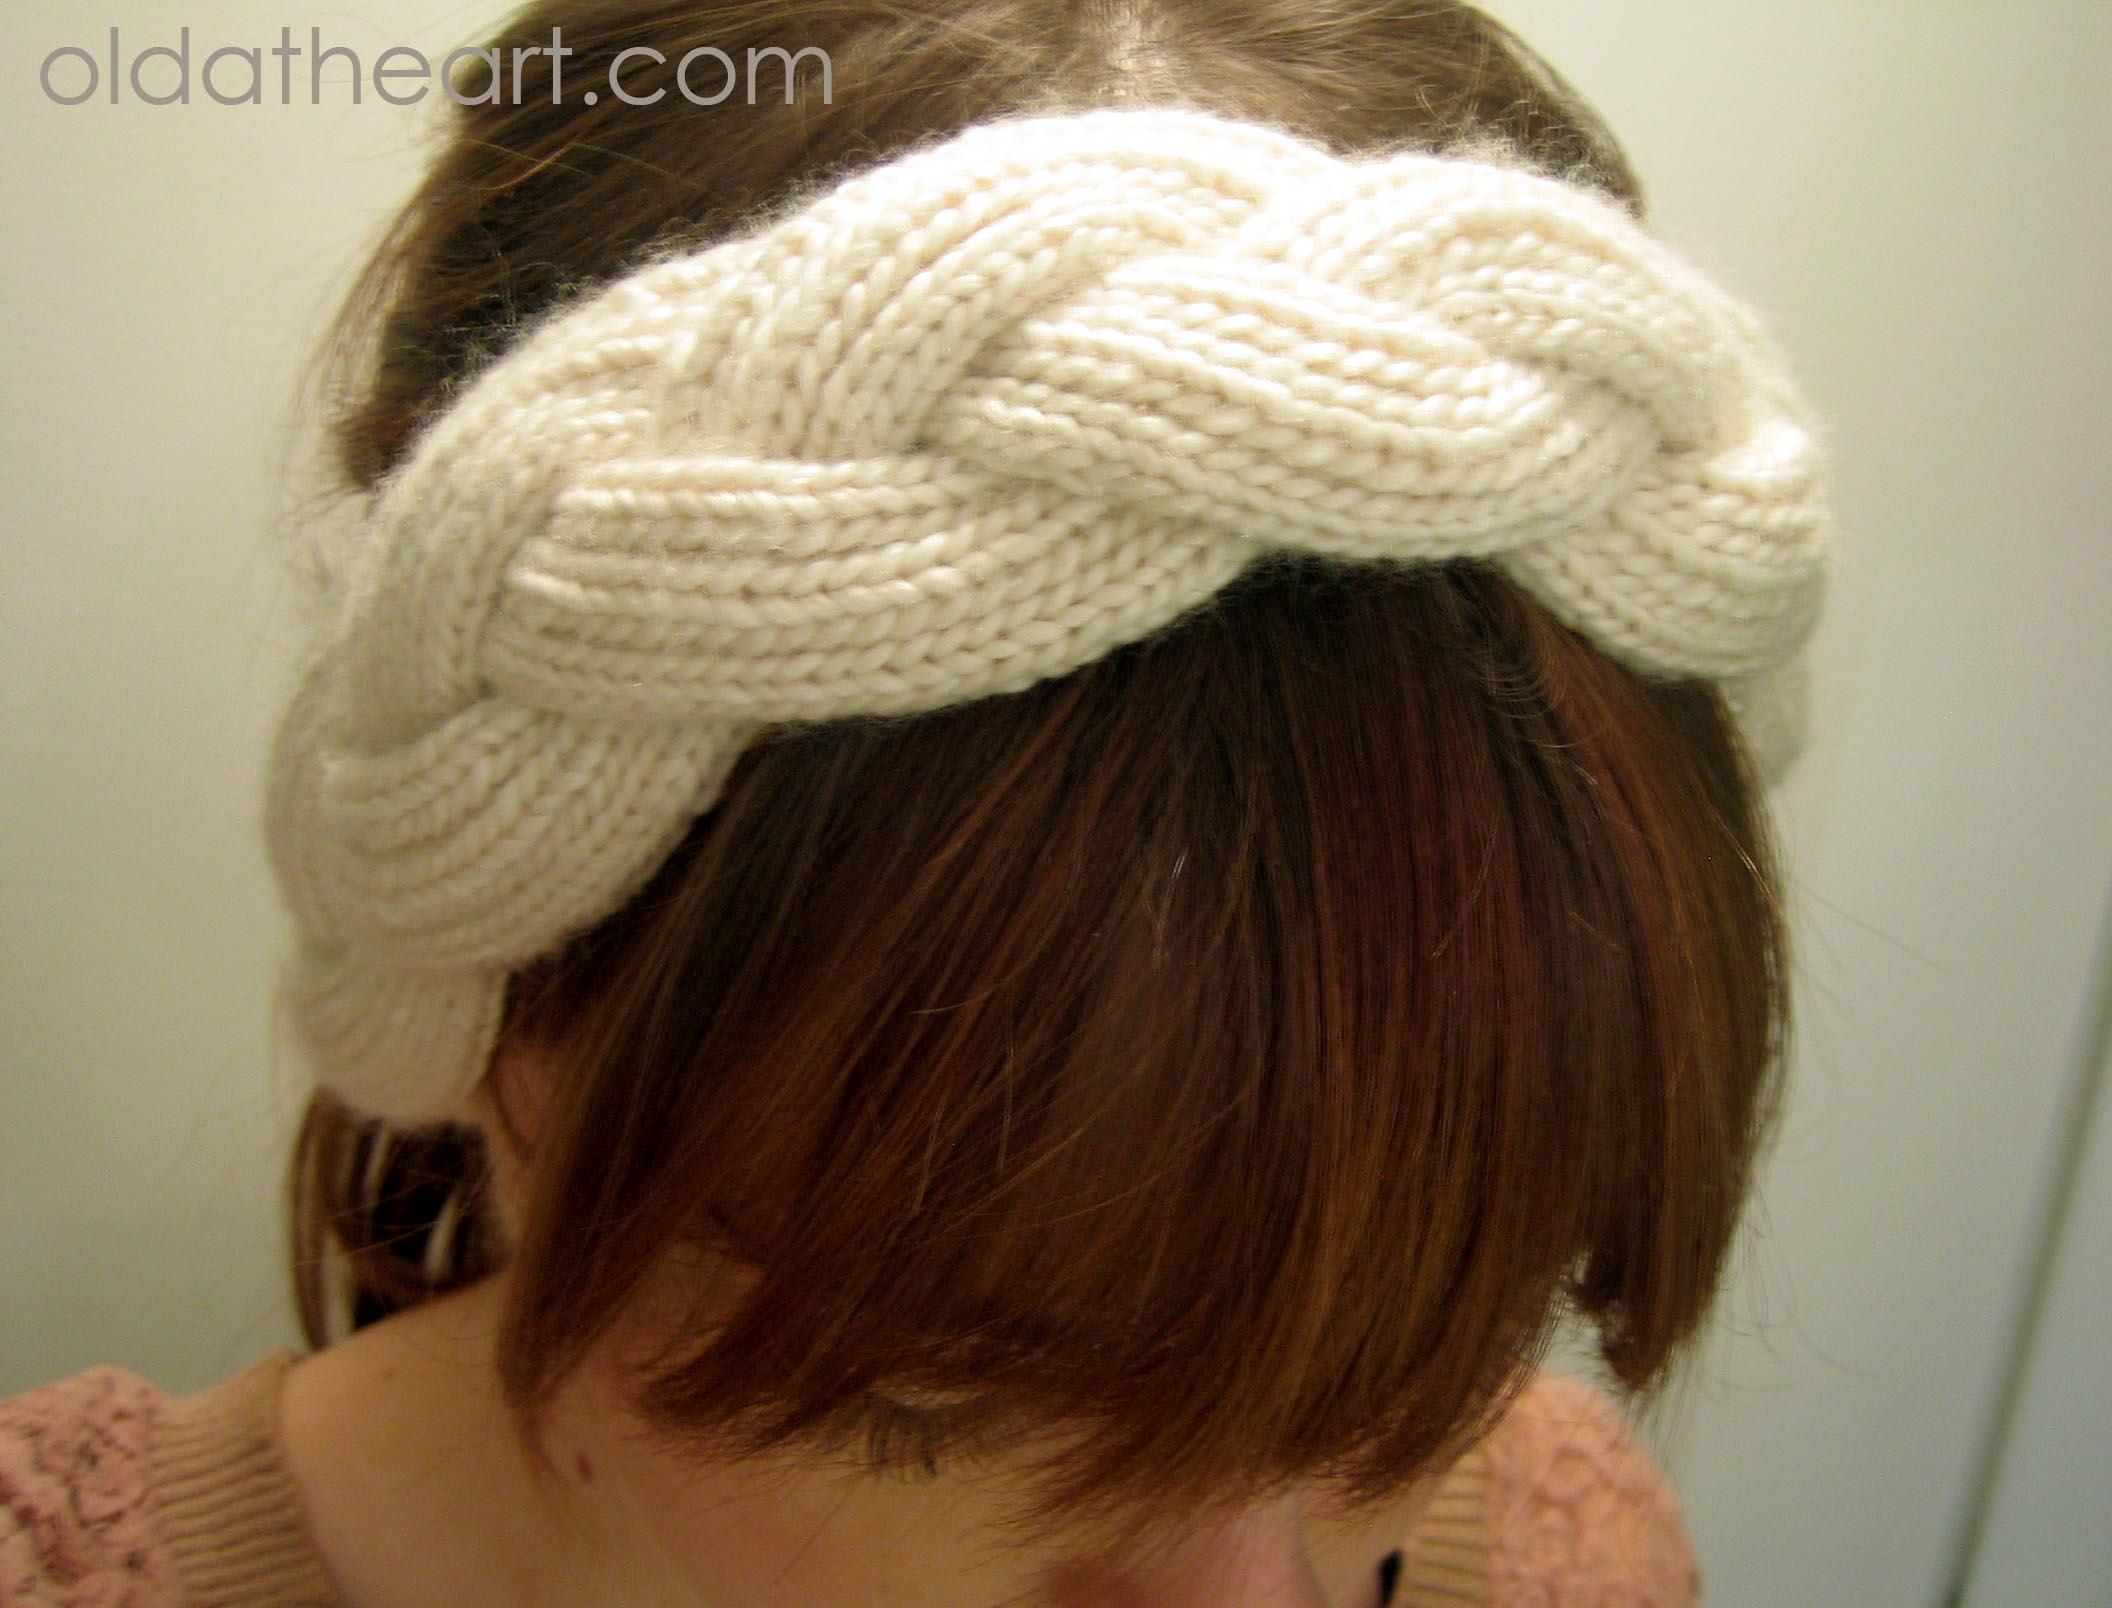 knit braided headband | old at heart